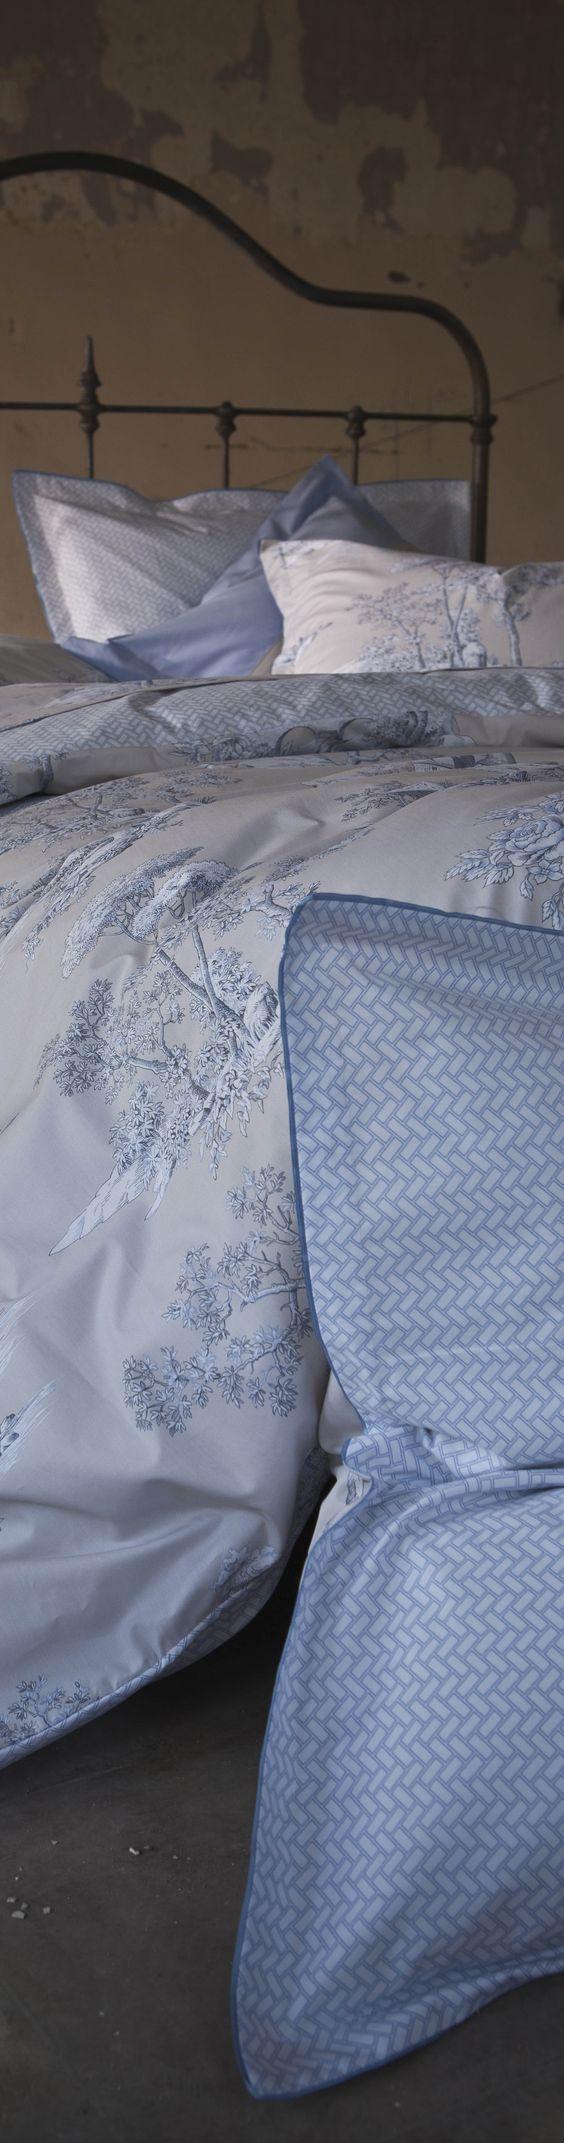 ESSIX HOME COLLECTION - Éternité - 100 % percale de coton - http://urlz.fr/1Oyw